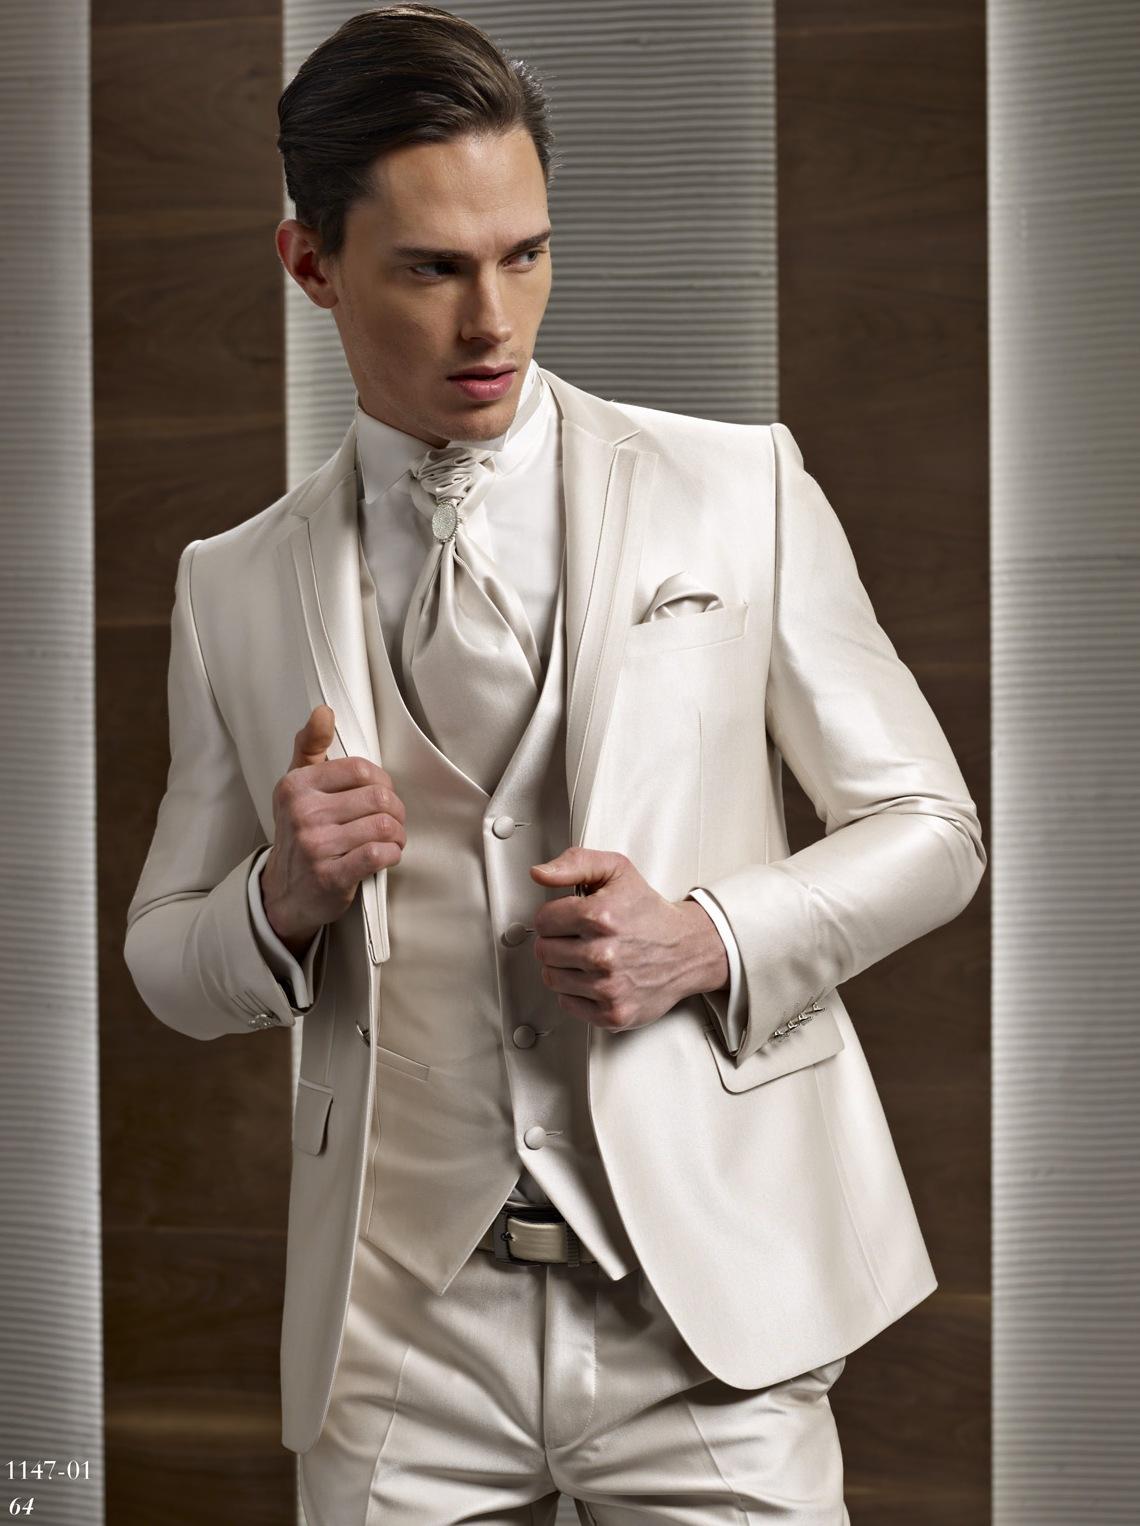 Мужской костюм 1147-01 | Костюмы мужские недорогие CERIMONIA